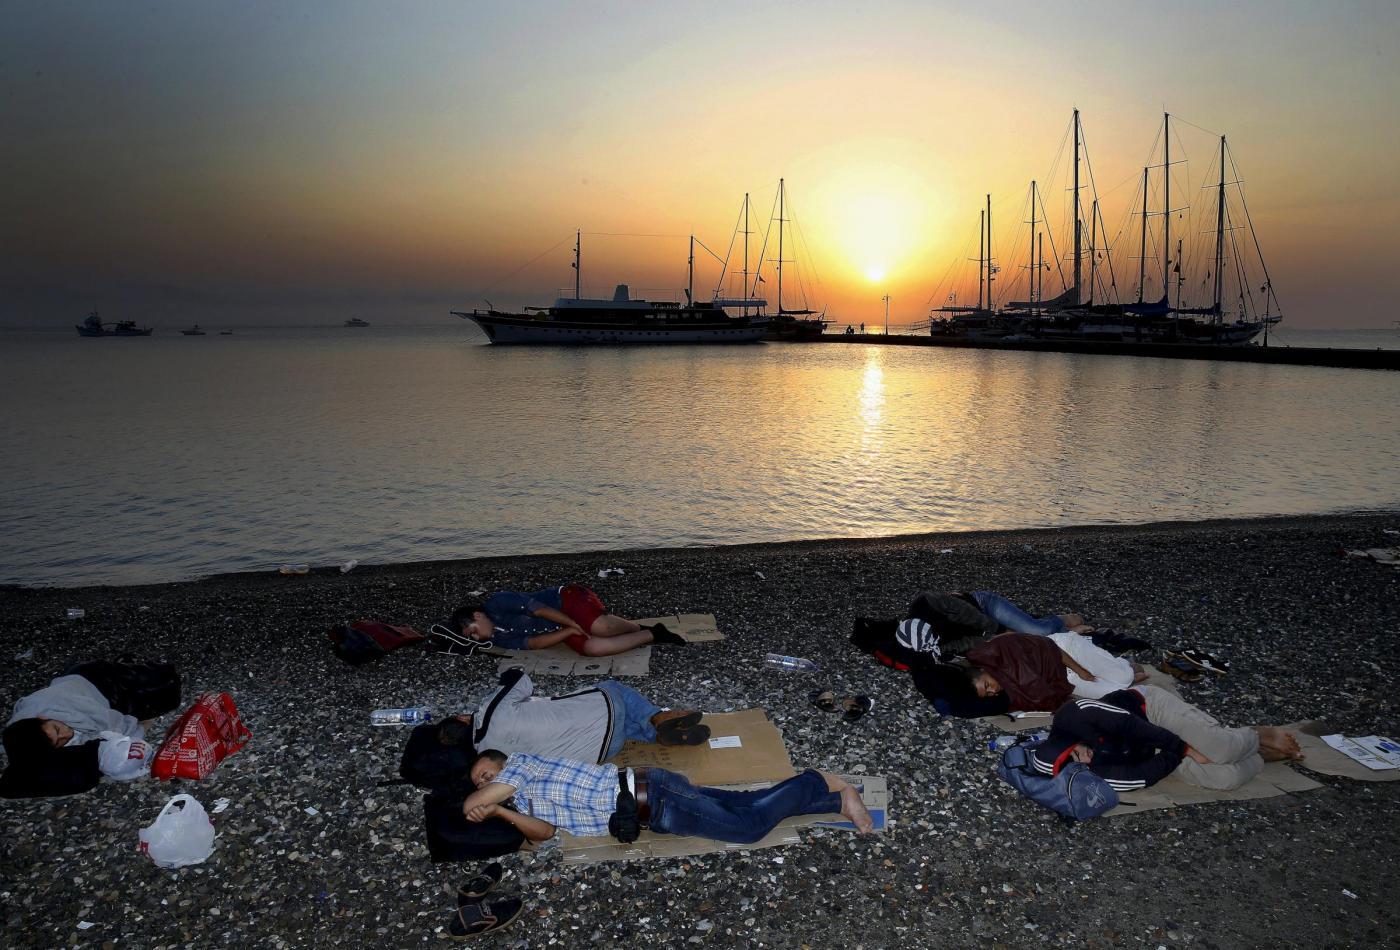 Kos grecia migranti arrivano sulle spiagge dei turisti che prendono il sole3 blitz quotidiano - Finestre pensione 2015 ...